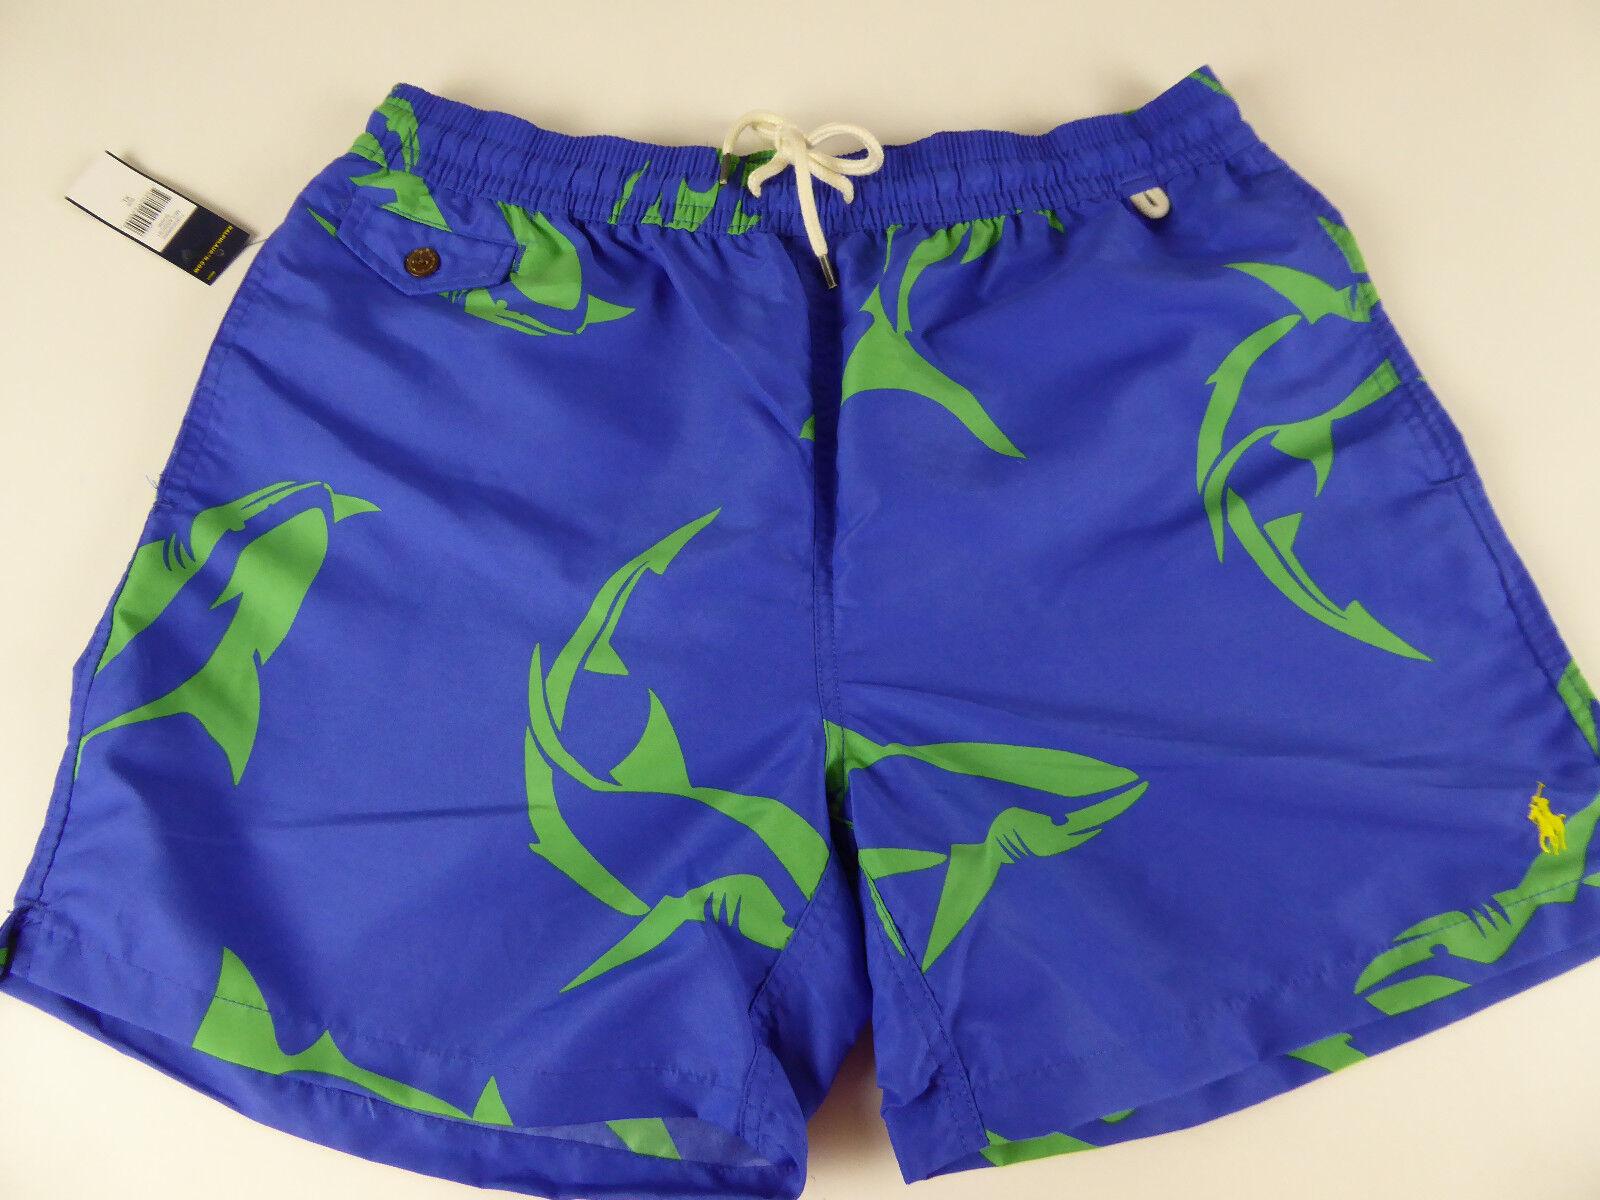 Polo Ralph Lauren Shark Swimwear Traveler Trunks Shorts  Embroidered Pony NWT